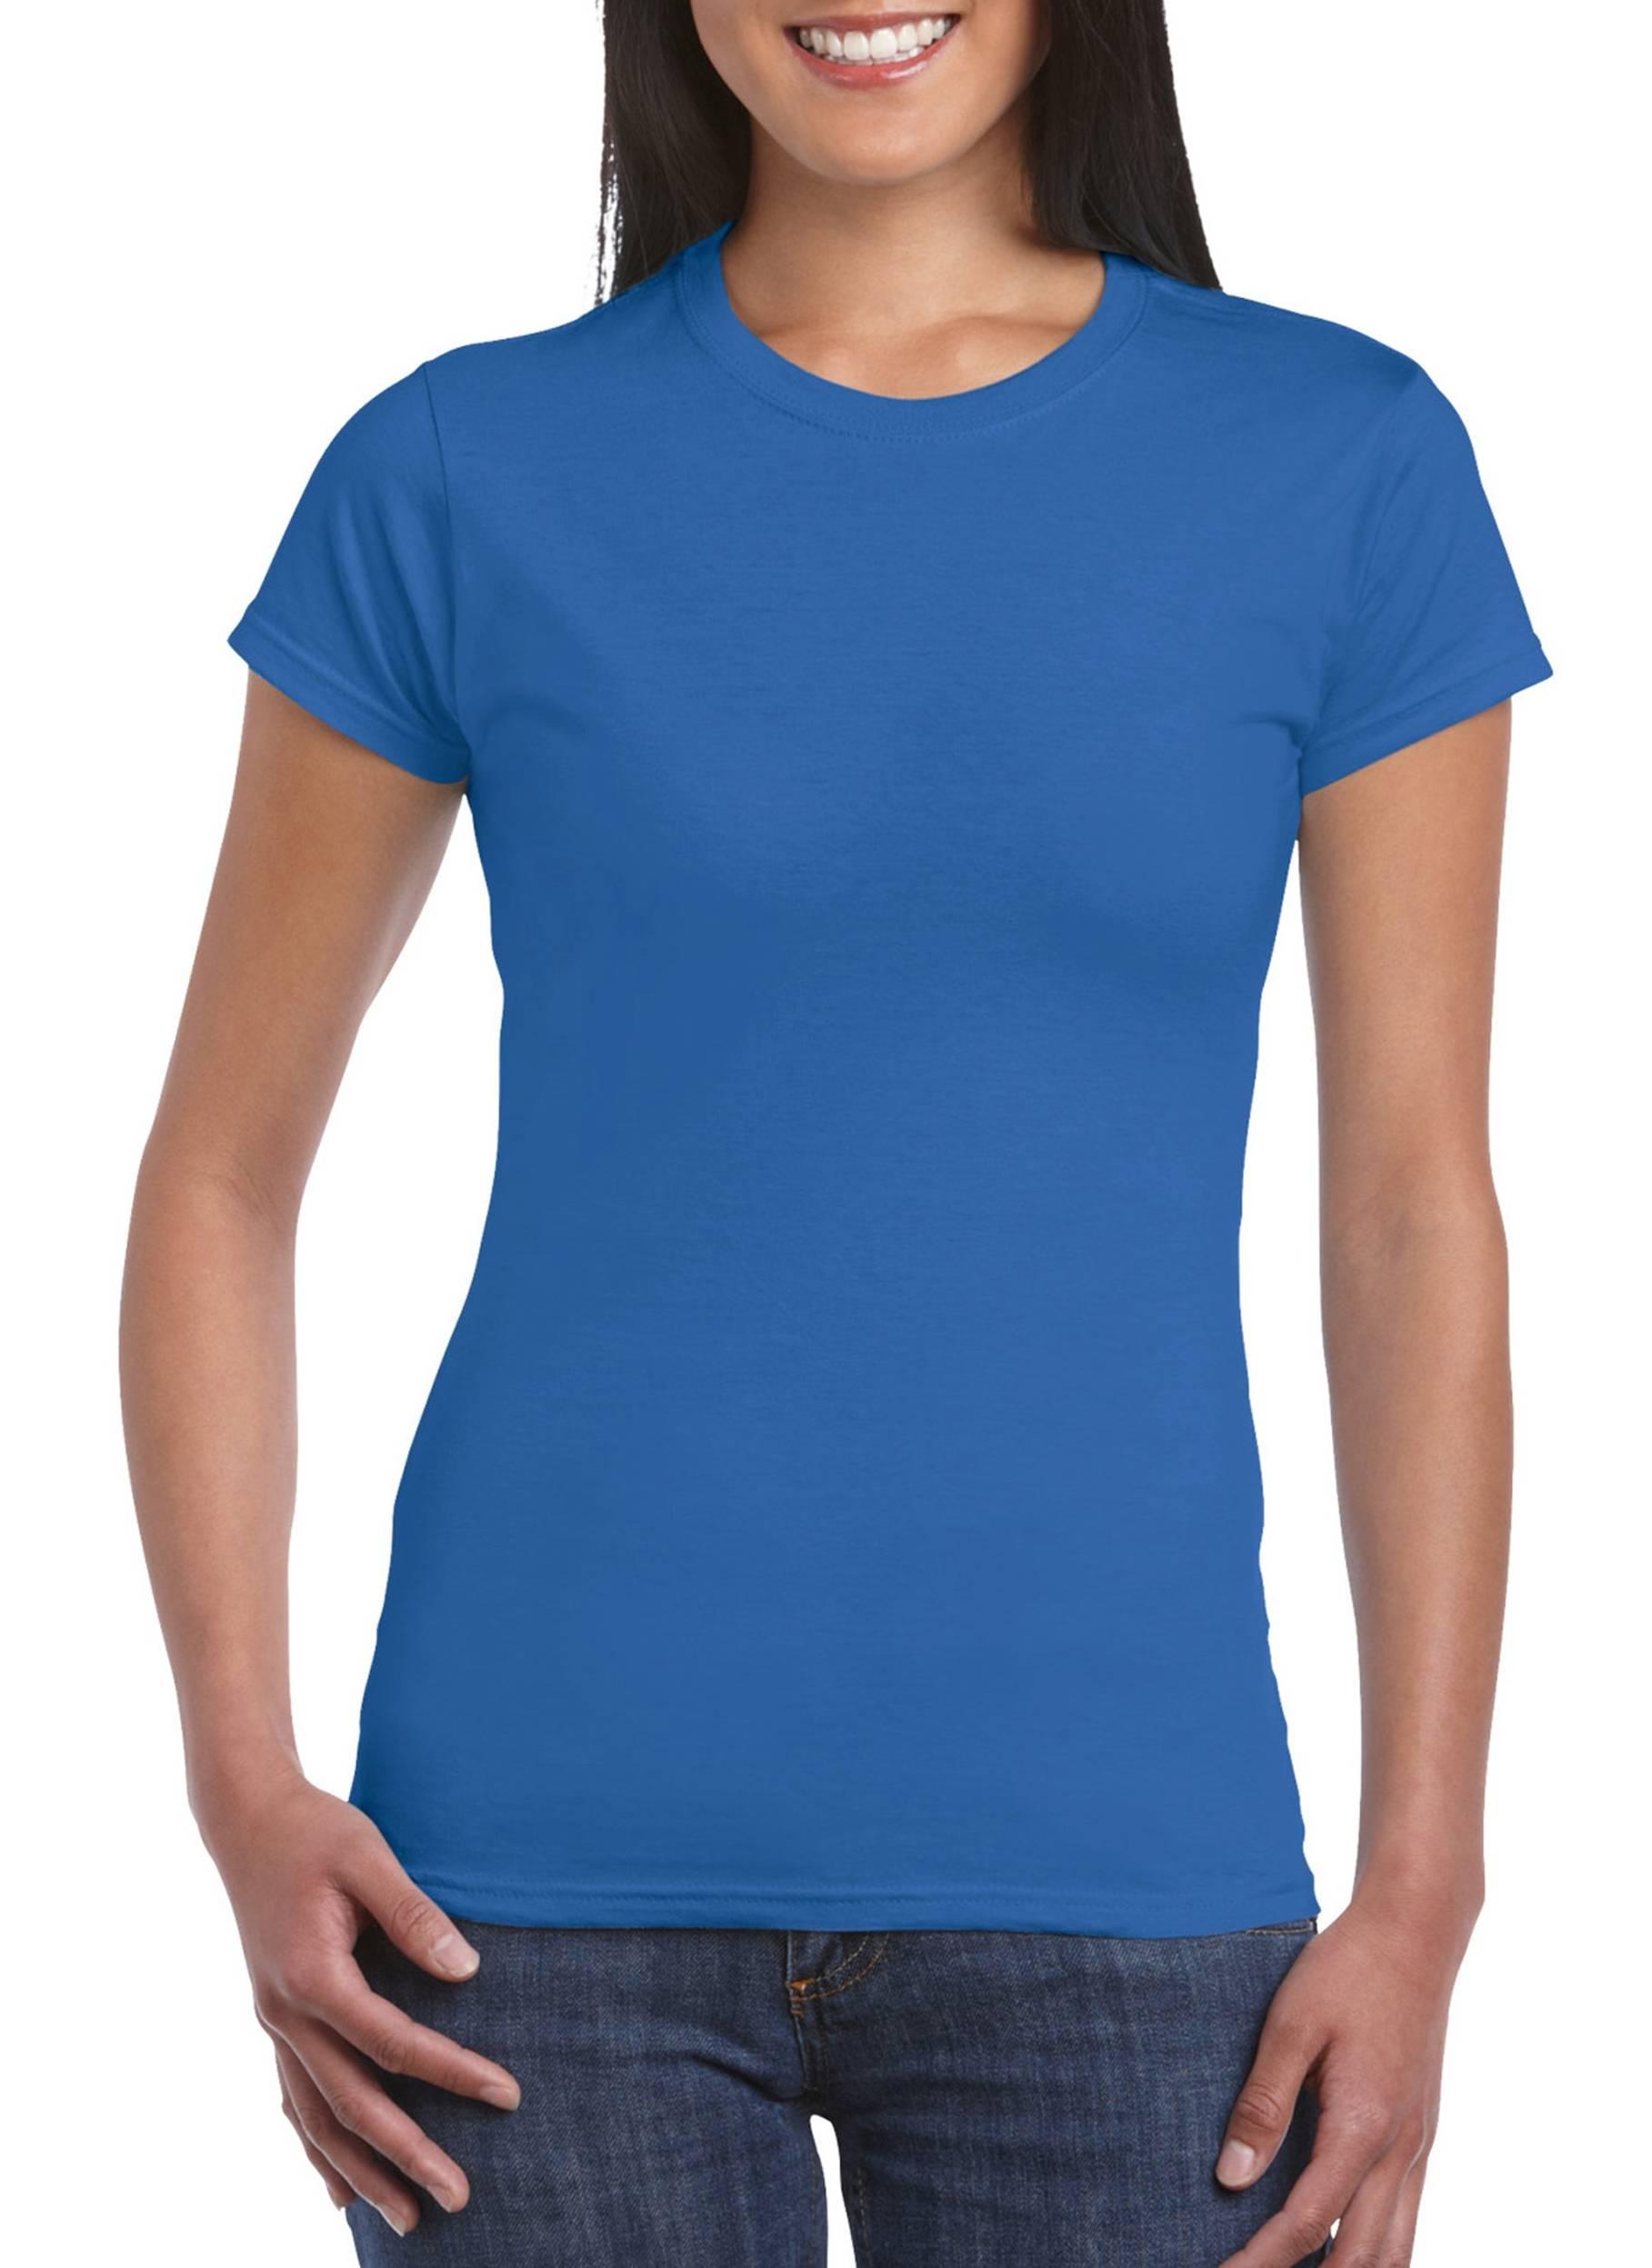 Wordans Femme GI6400L 100 France Gildan T Coton Shirt aU77q6p